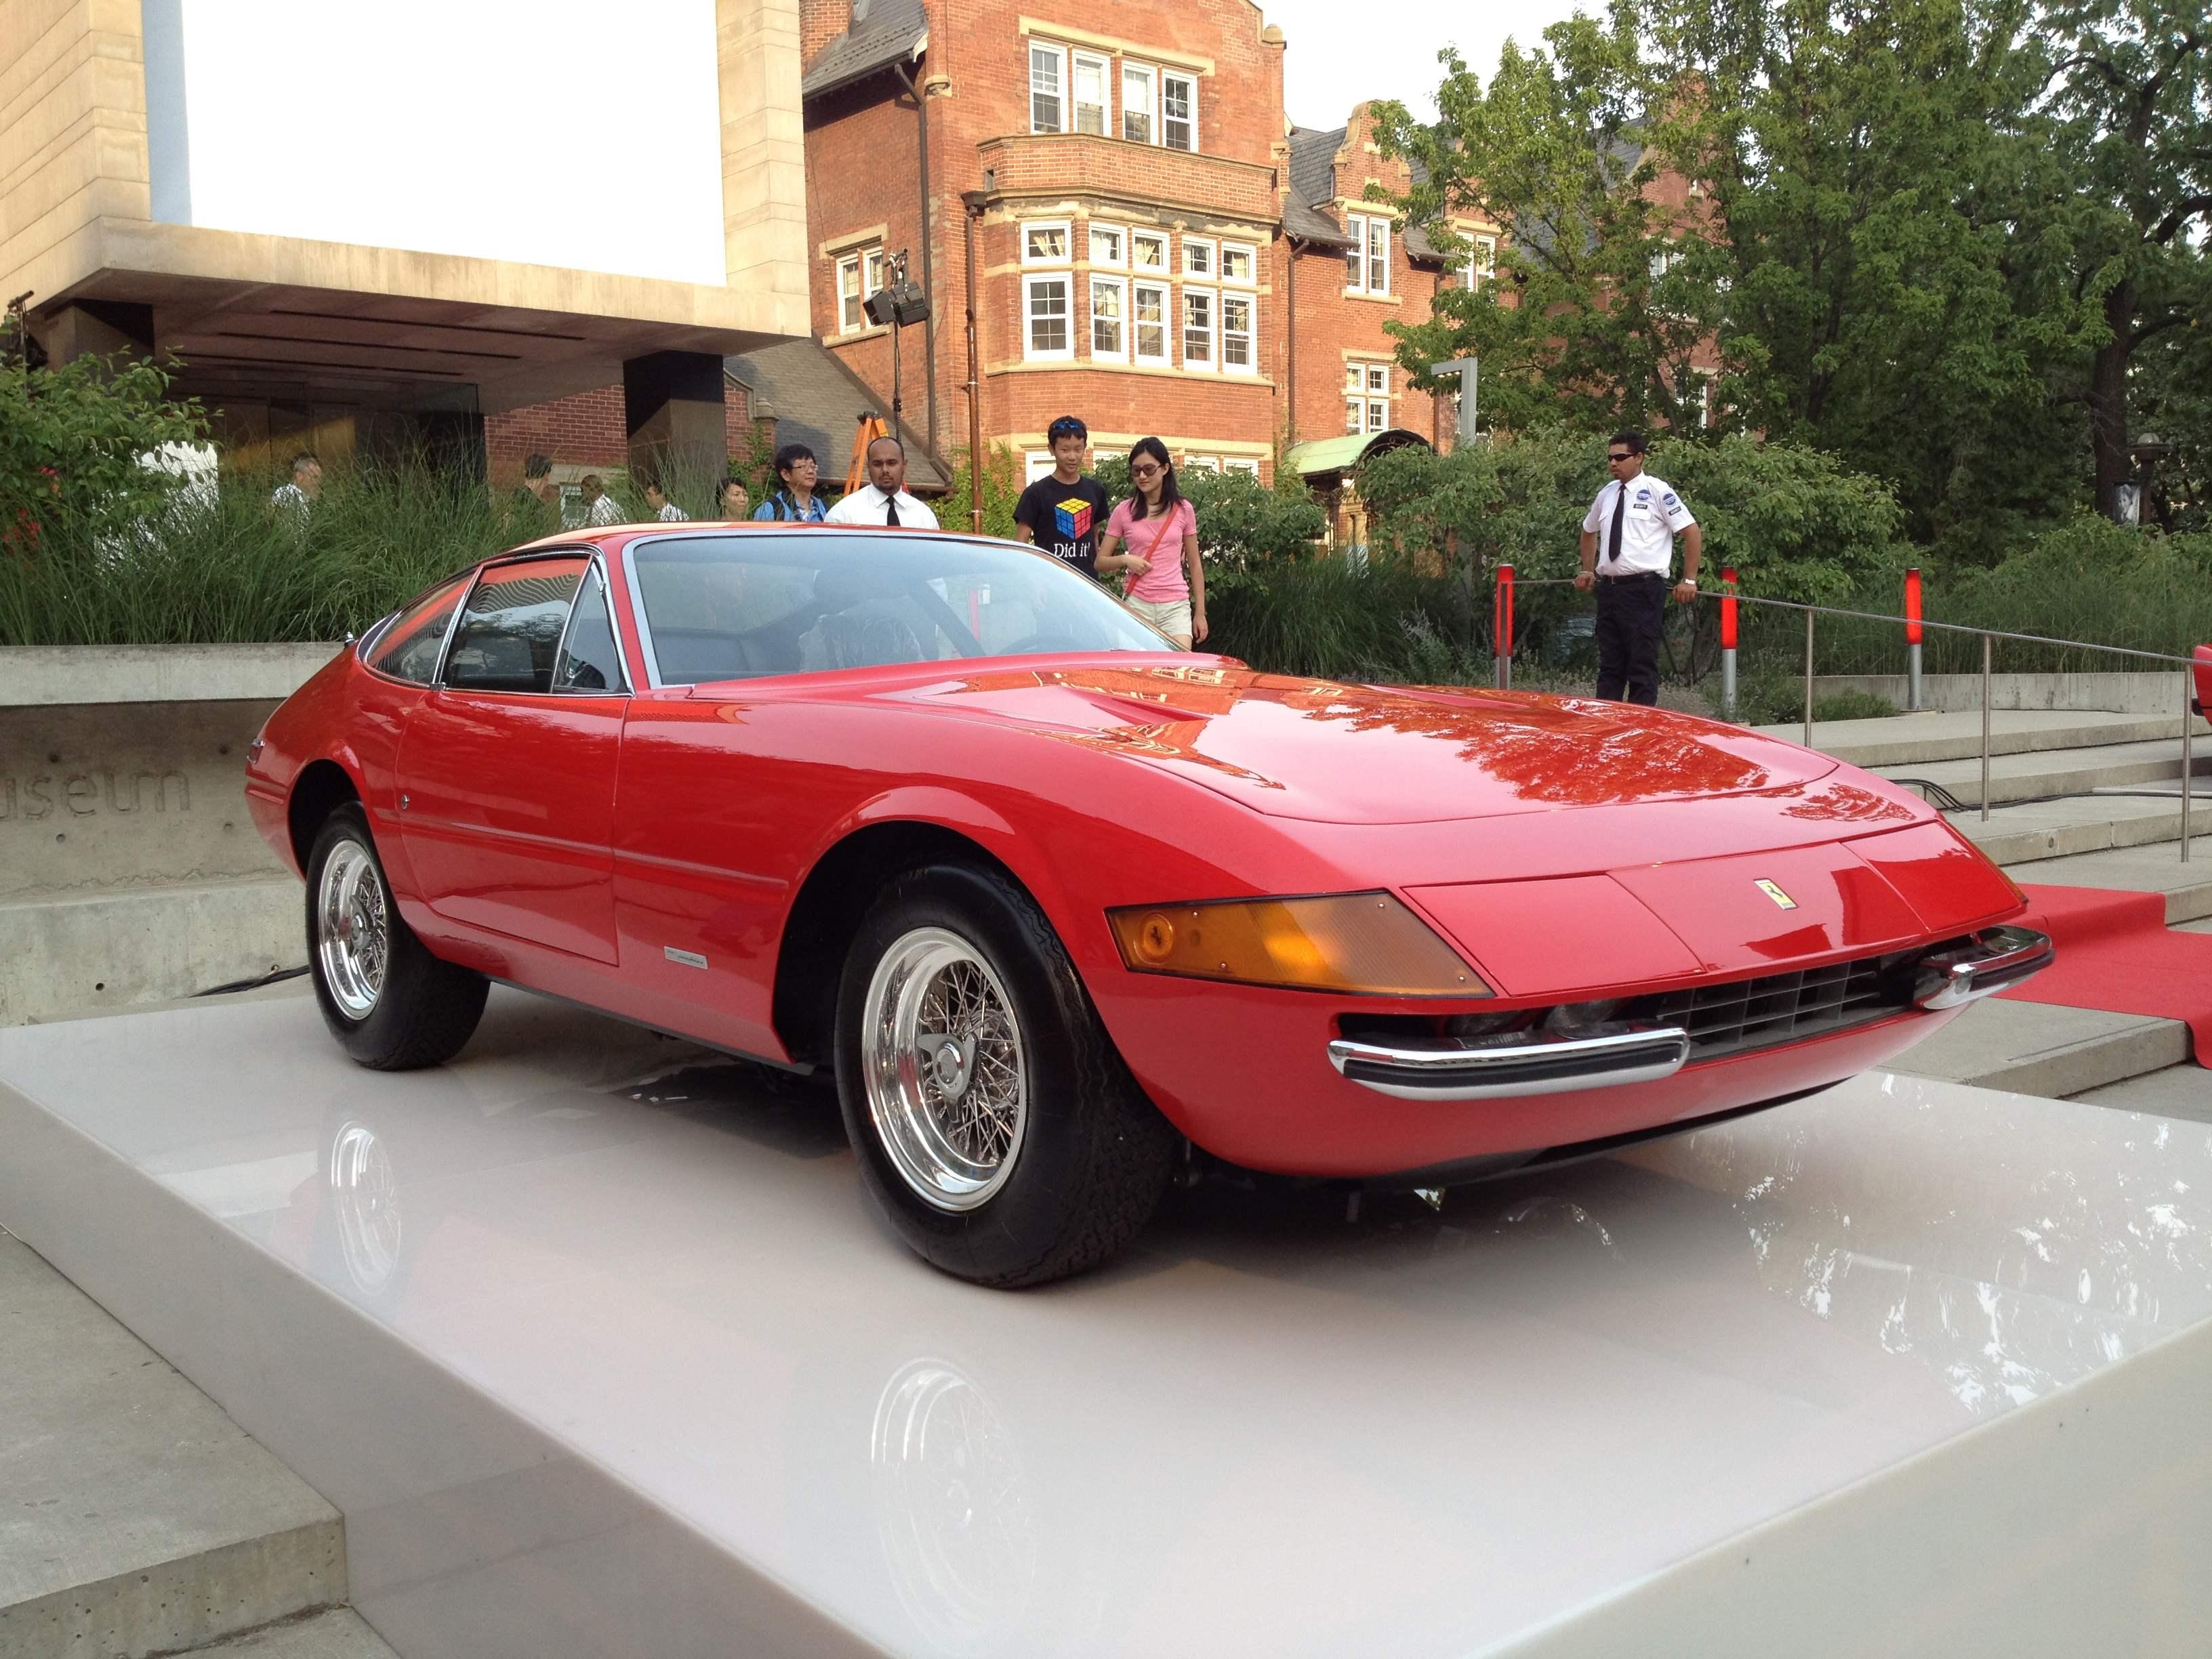 Купе FERRARI 356GTB/4 DAYTONA и кабриолет FERRARI 365GTS/4 DAYTONA — первые автомобили с убирающимися фарами. Они считались самыми быстрыми серийными машинами в мире (1970 г.)